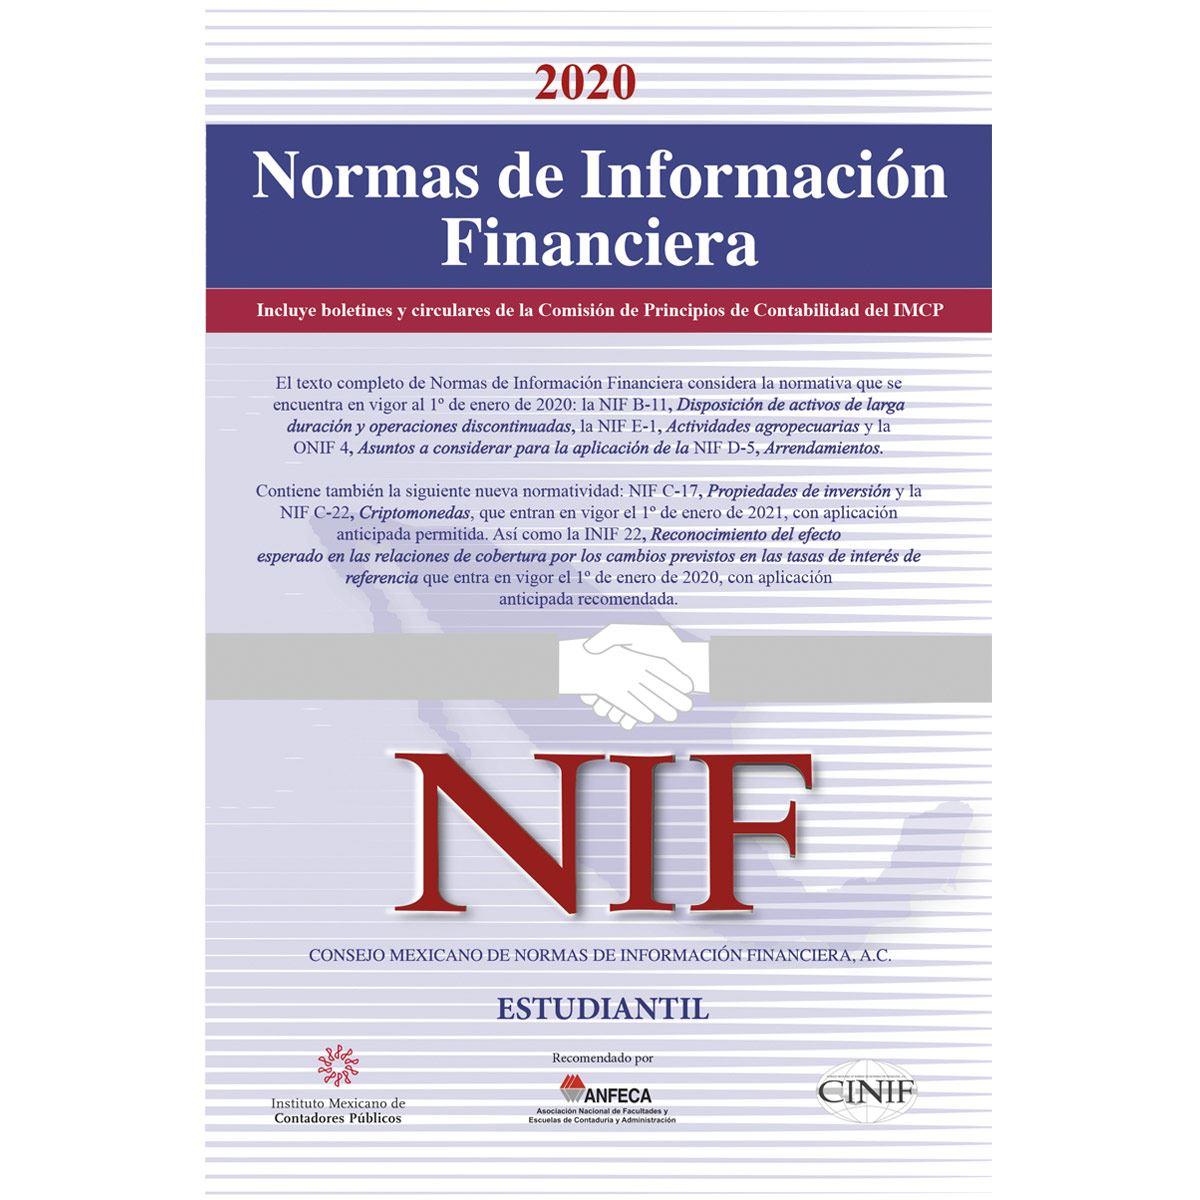 Normas de Información FinancieraEstudiantil 2020